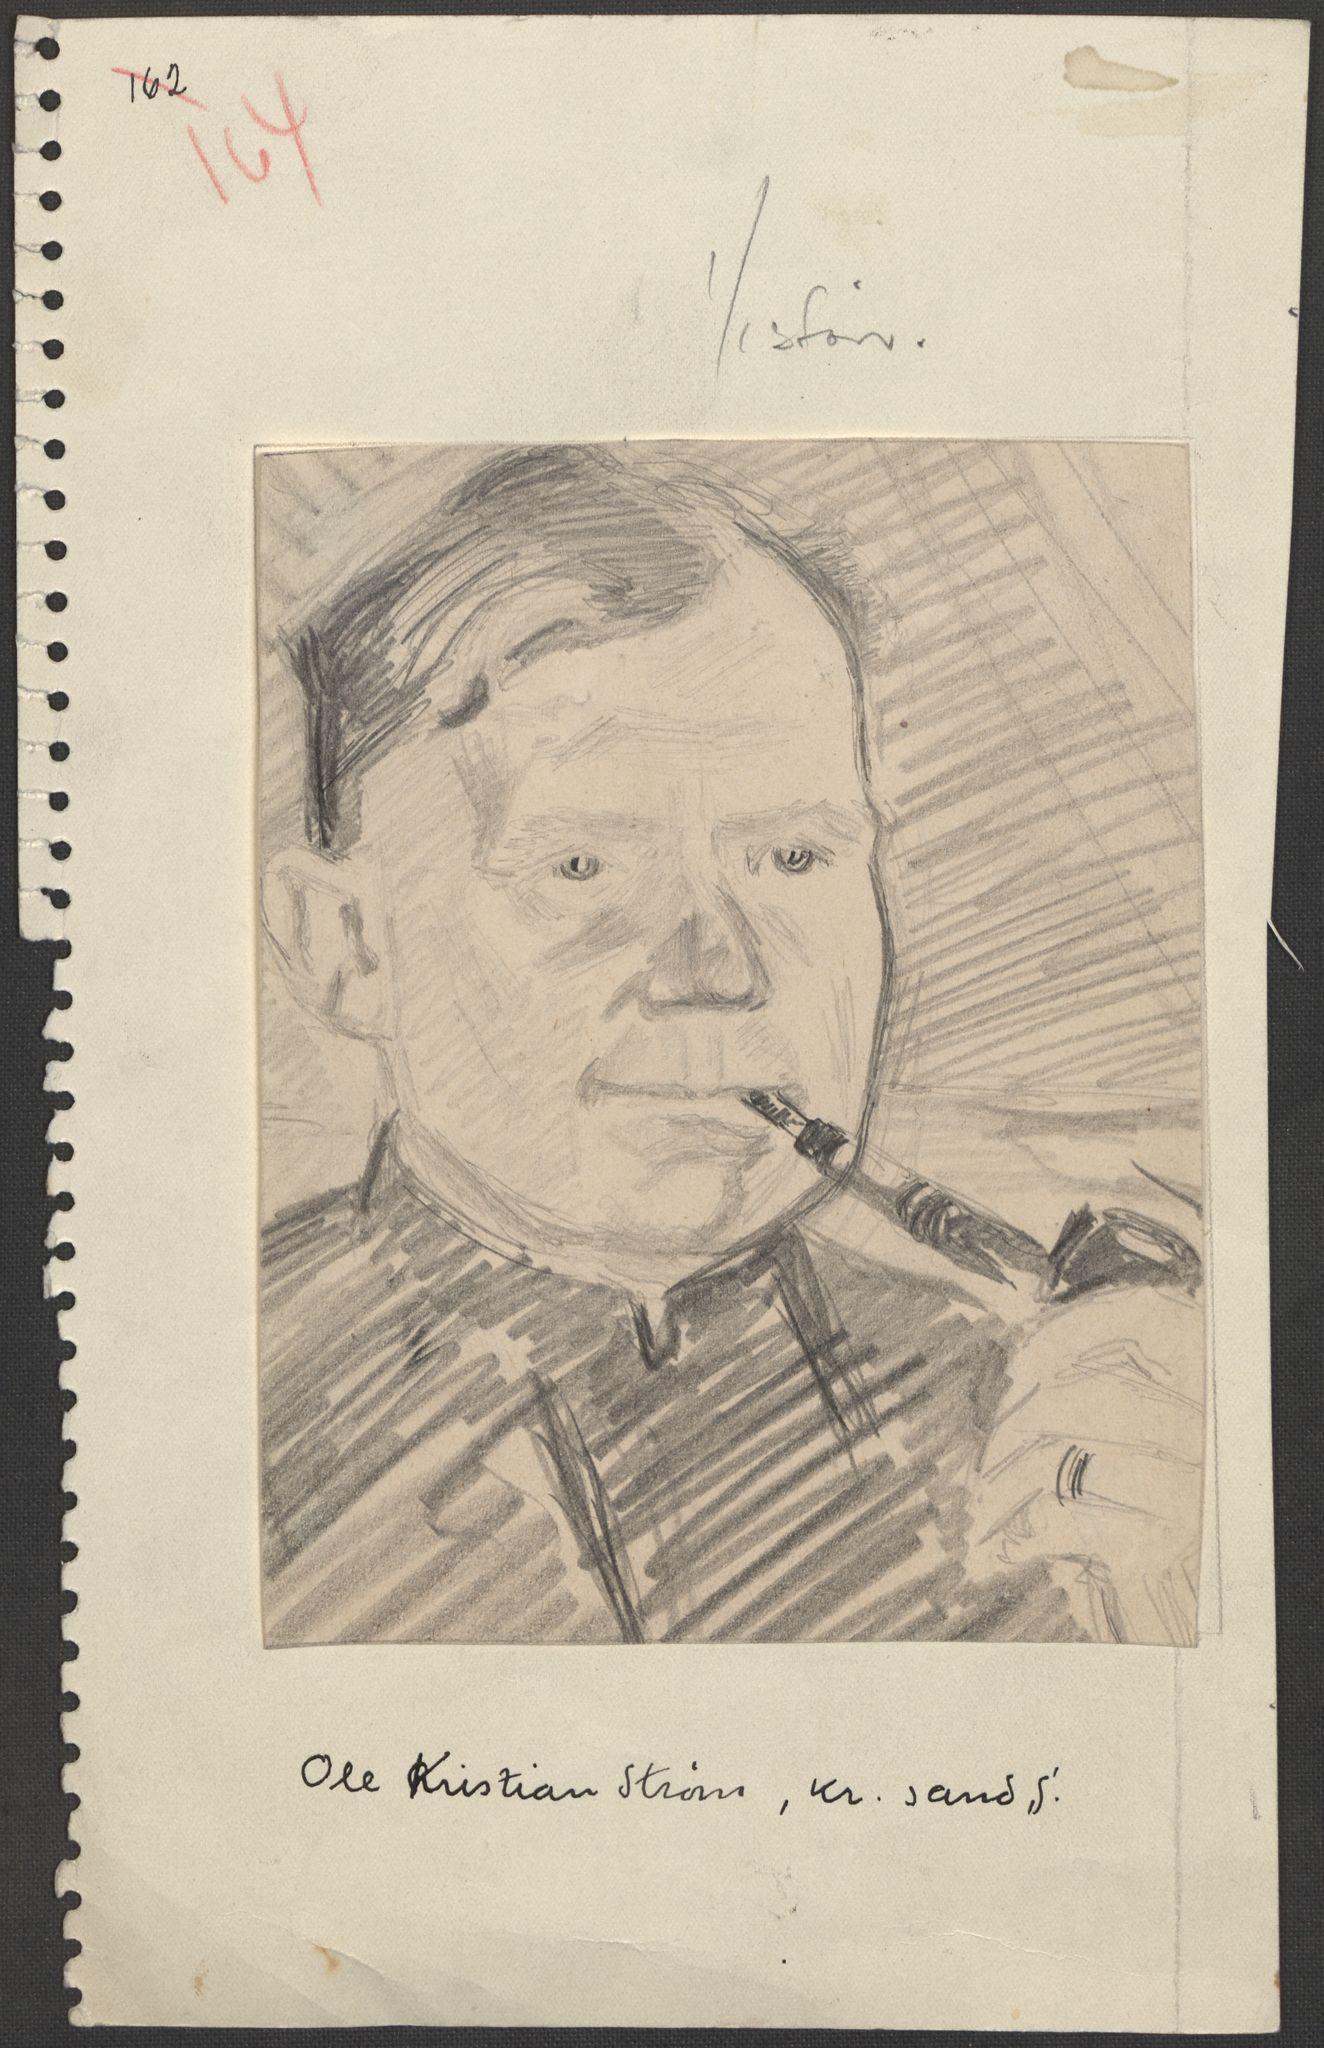 RA, Grøgaard, Joachim, F/L0002: Tegninger og tekster, 1942-1945, p. 129